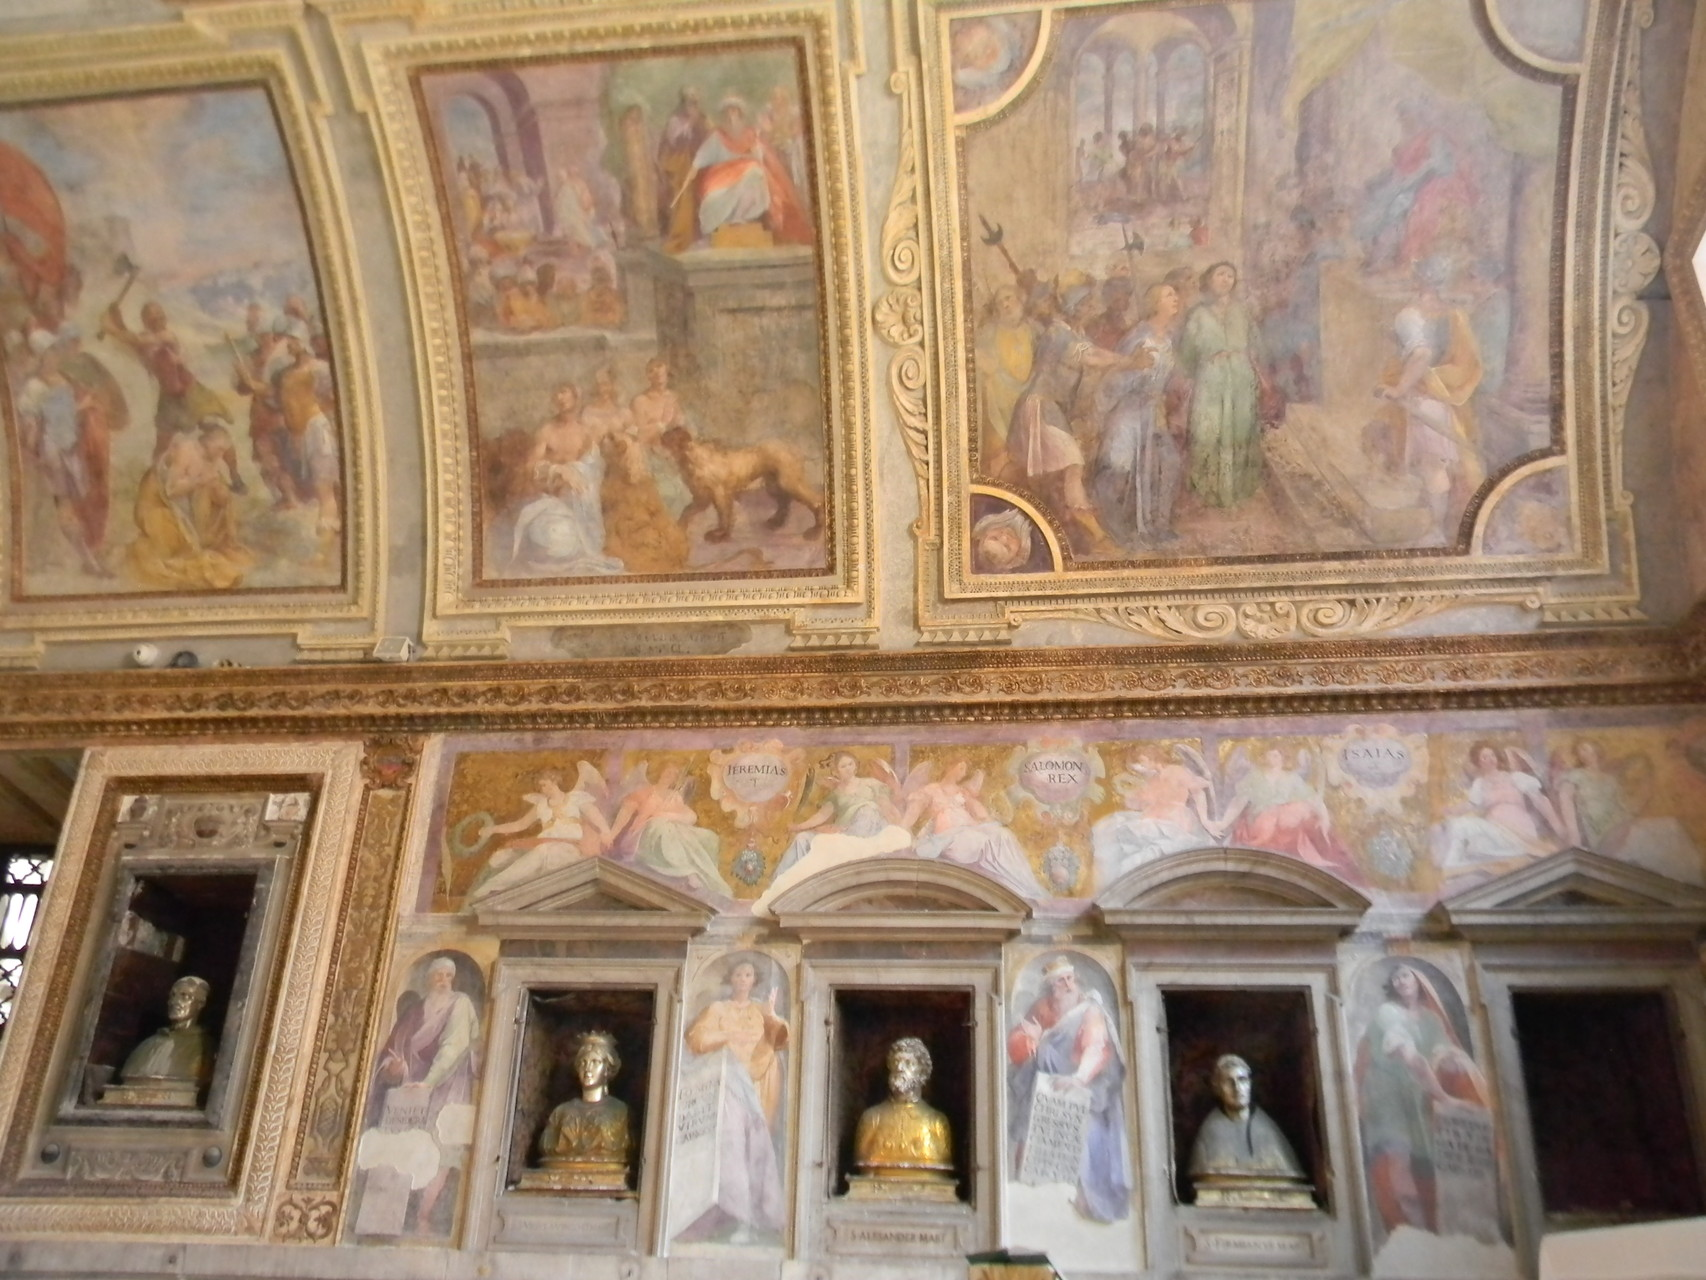 La Cappella del Tesoro finalmente riaperta al culto; riconoscibile il busto di S. Primiano (3° da sinistra); in alto particolare delle scene martiriali di B. CORENZIO-A. NUCCI-V. DE PINO (1597-1599), affresco [foto Peppe Guida]